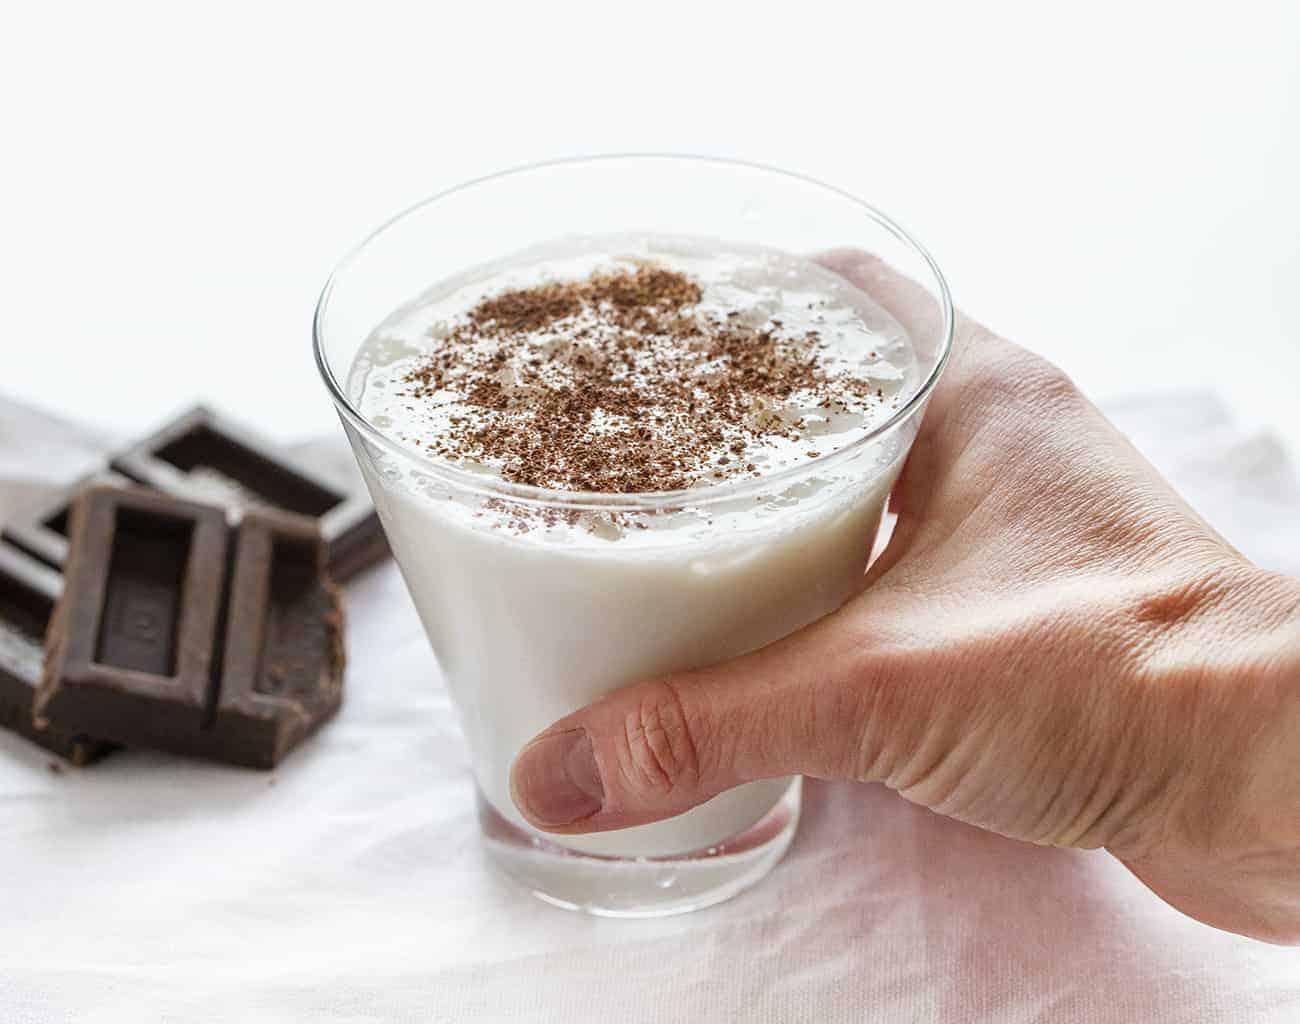 Hand picking up White Chocolate Martini